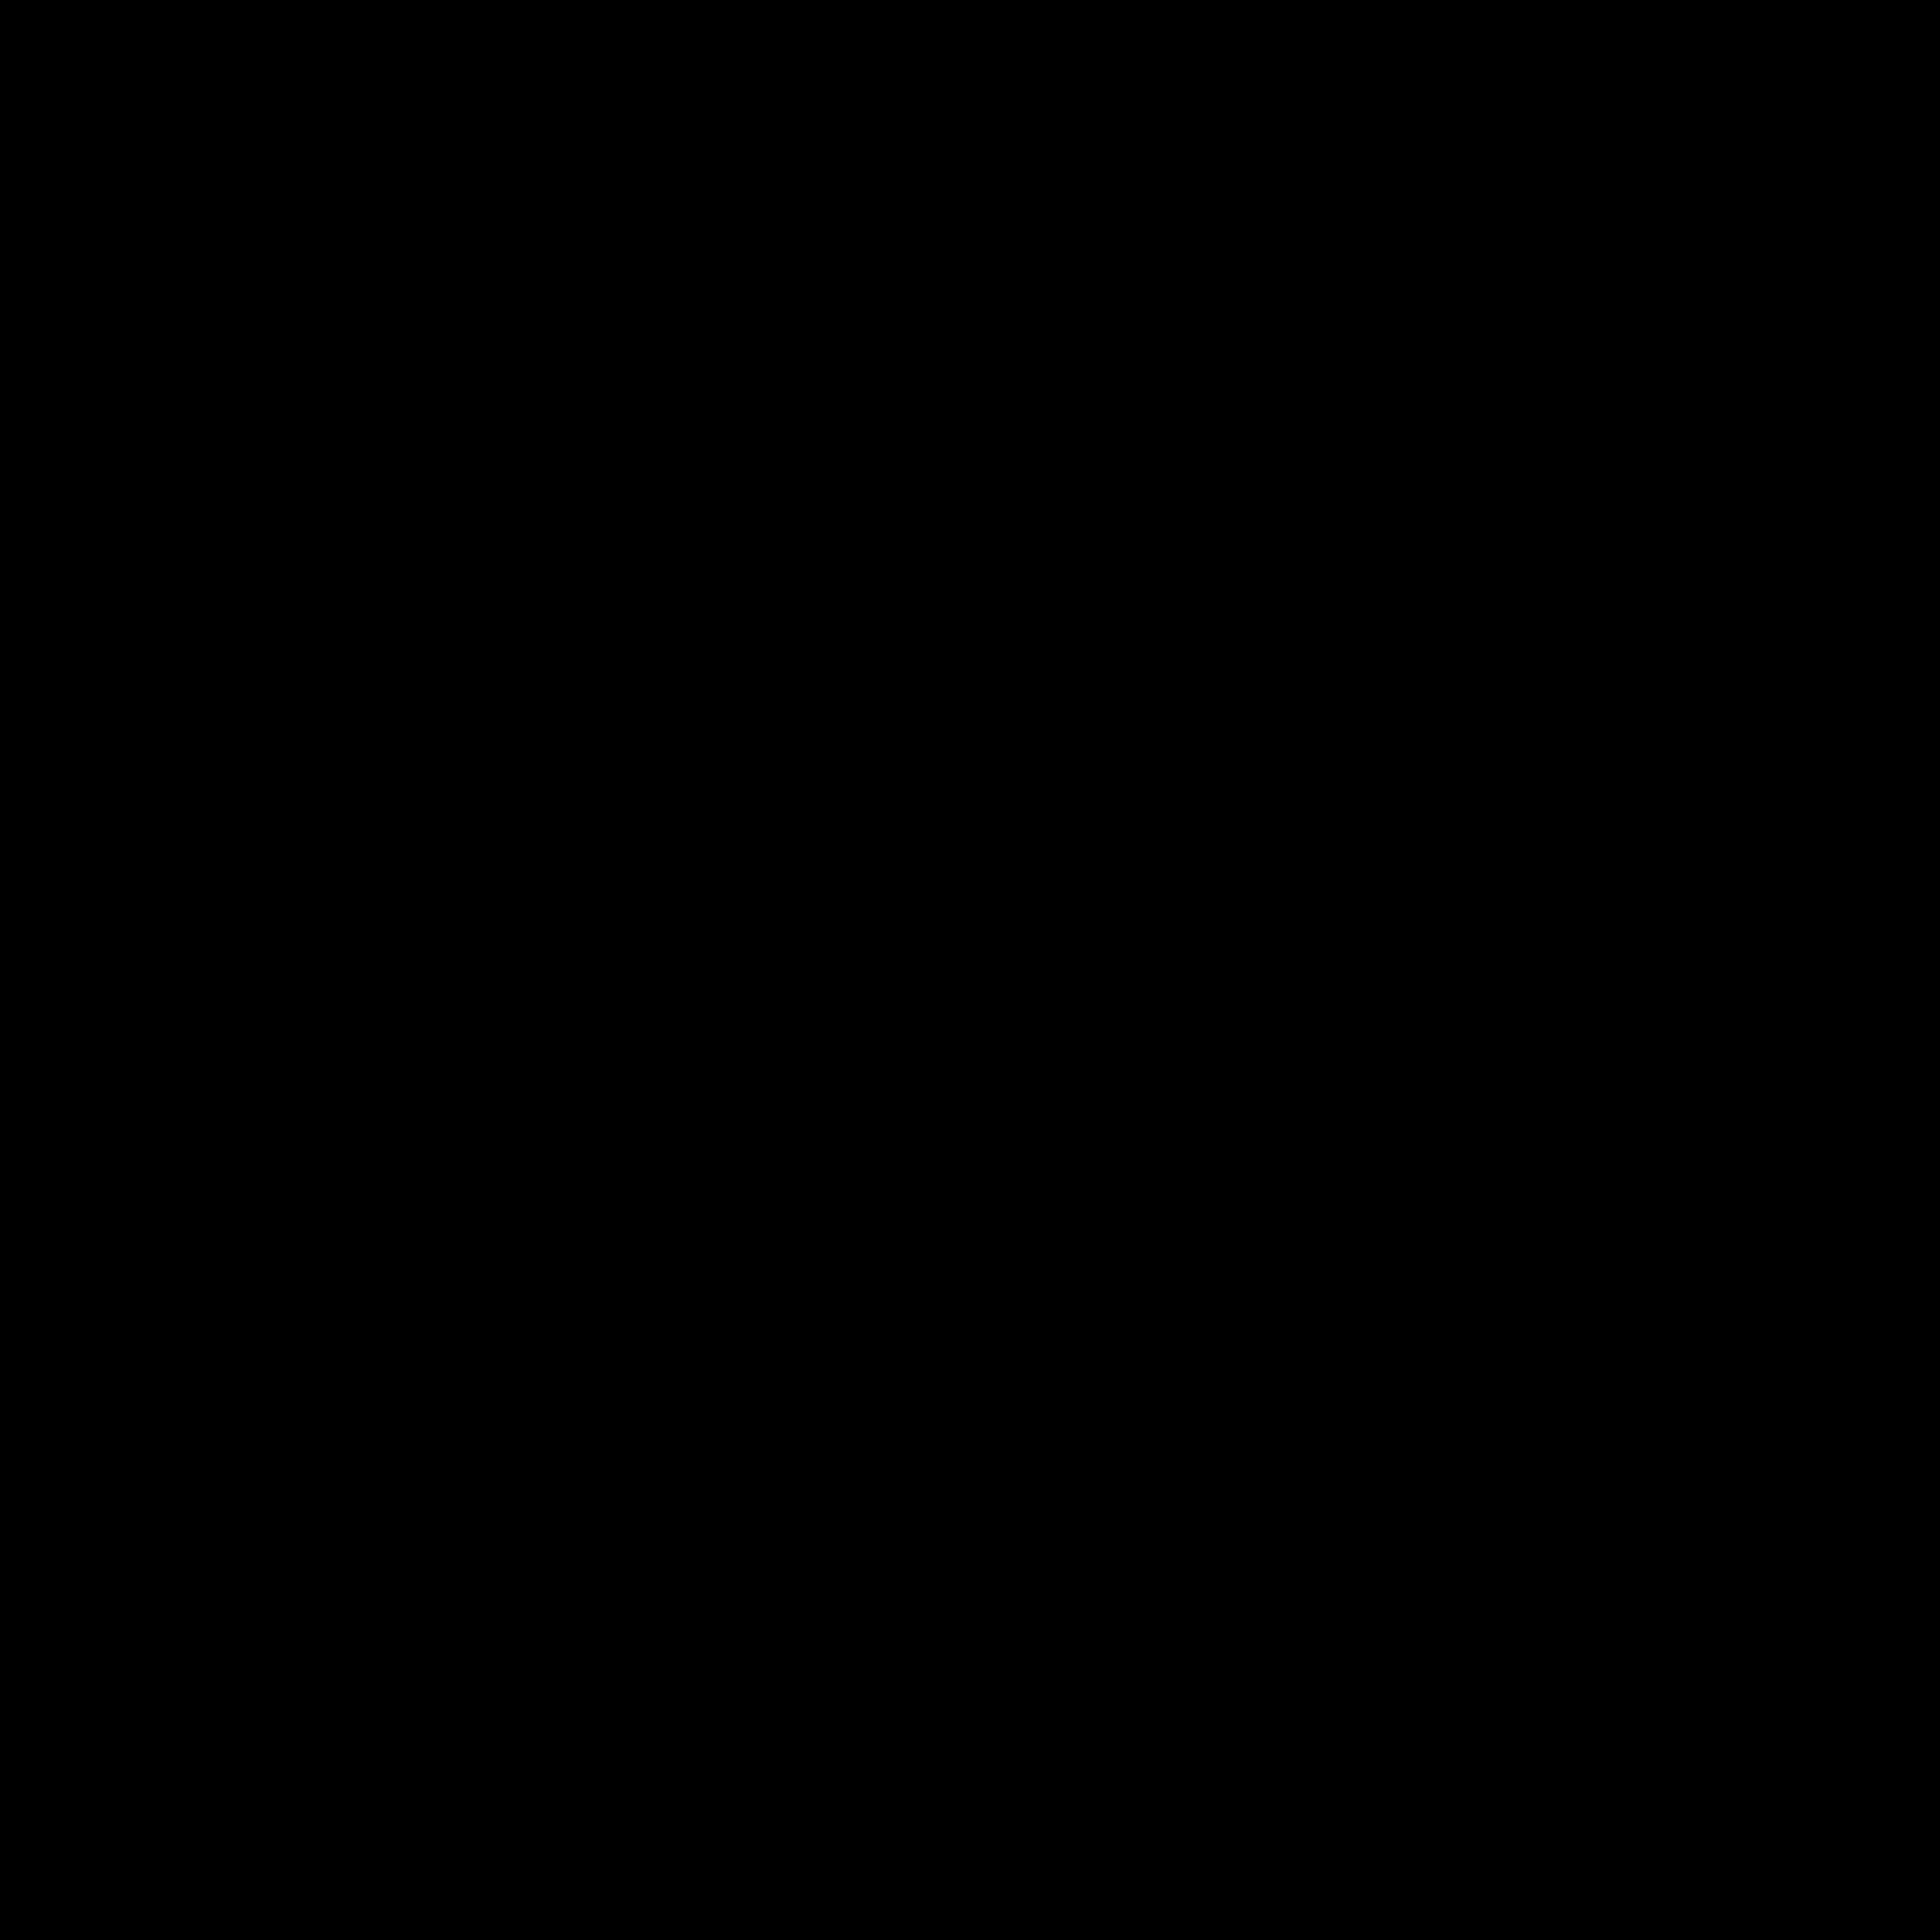 el_baron_logo_black